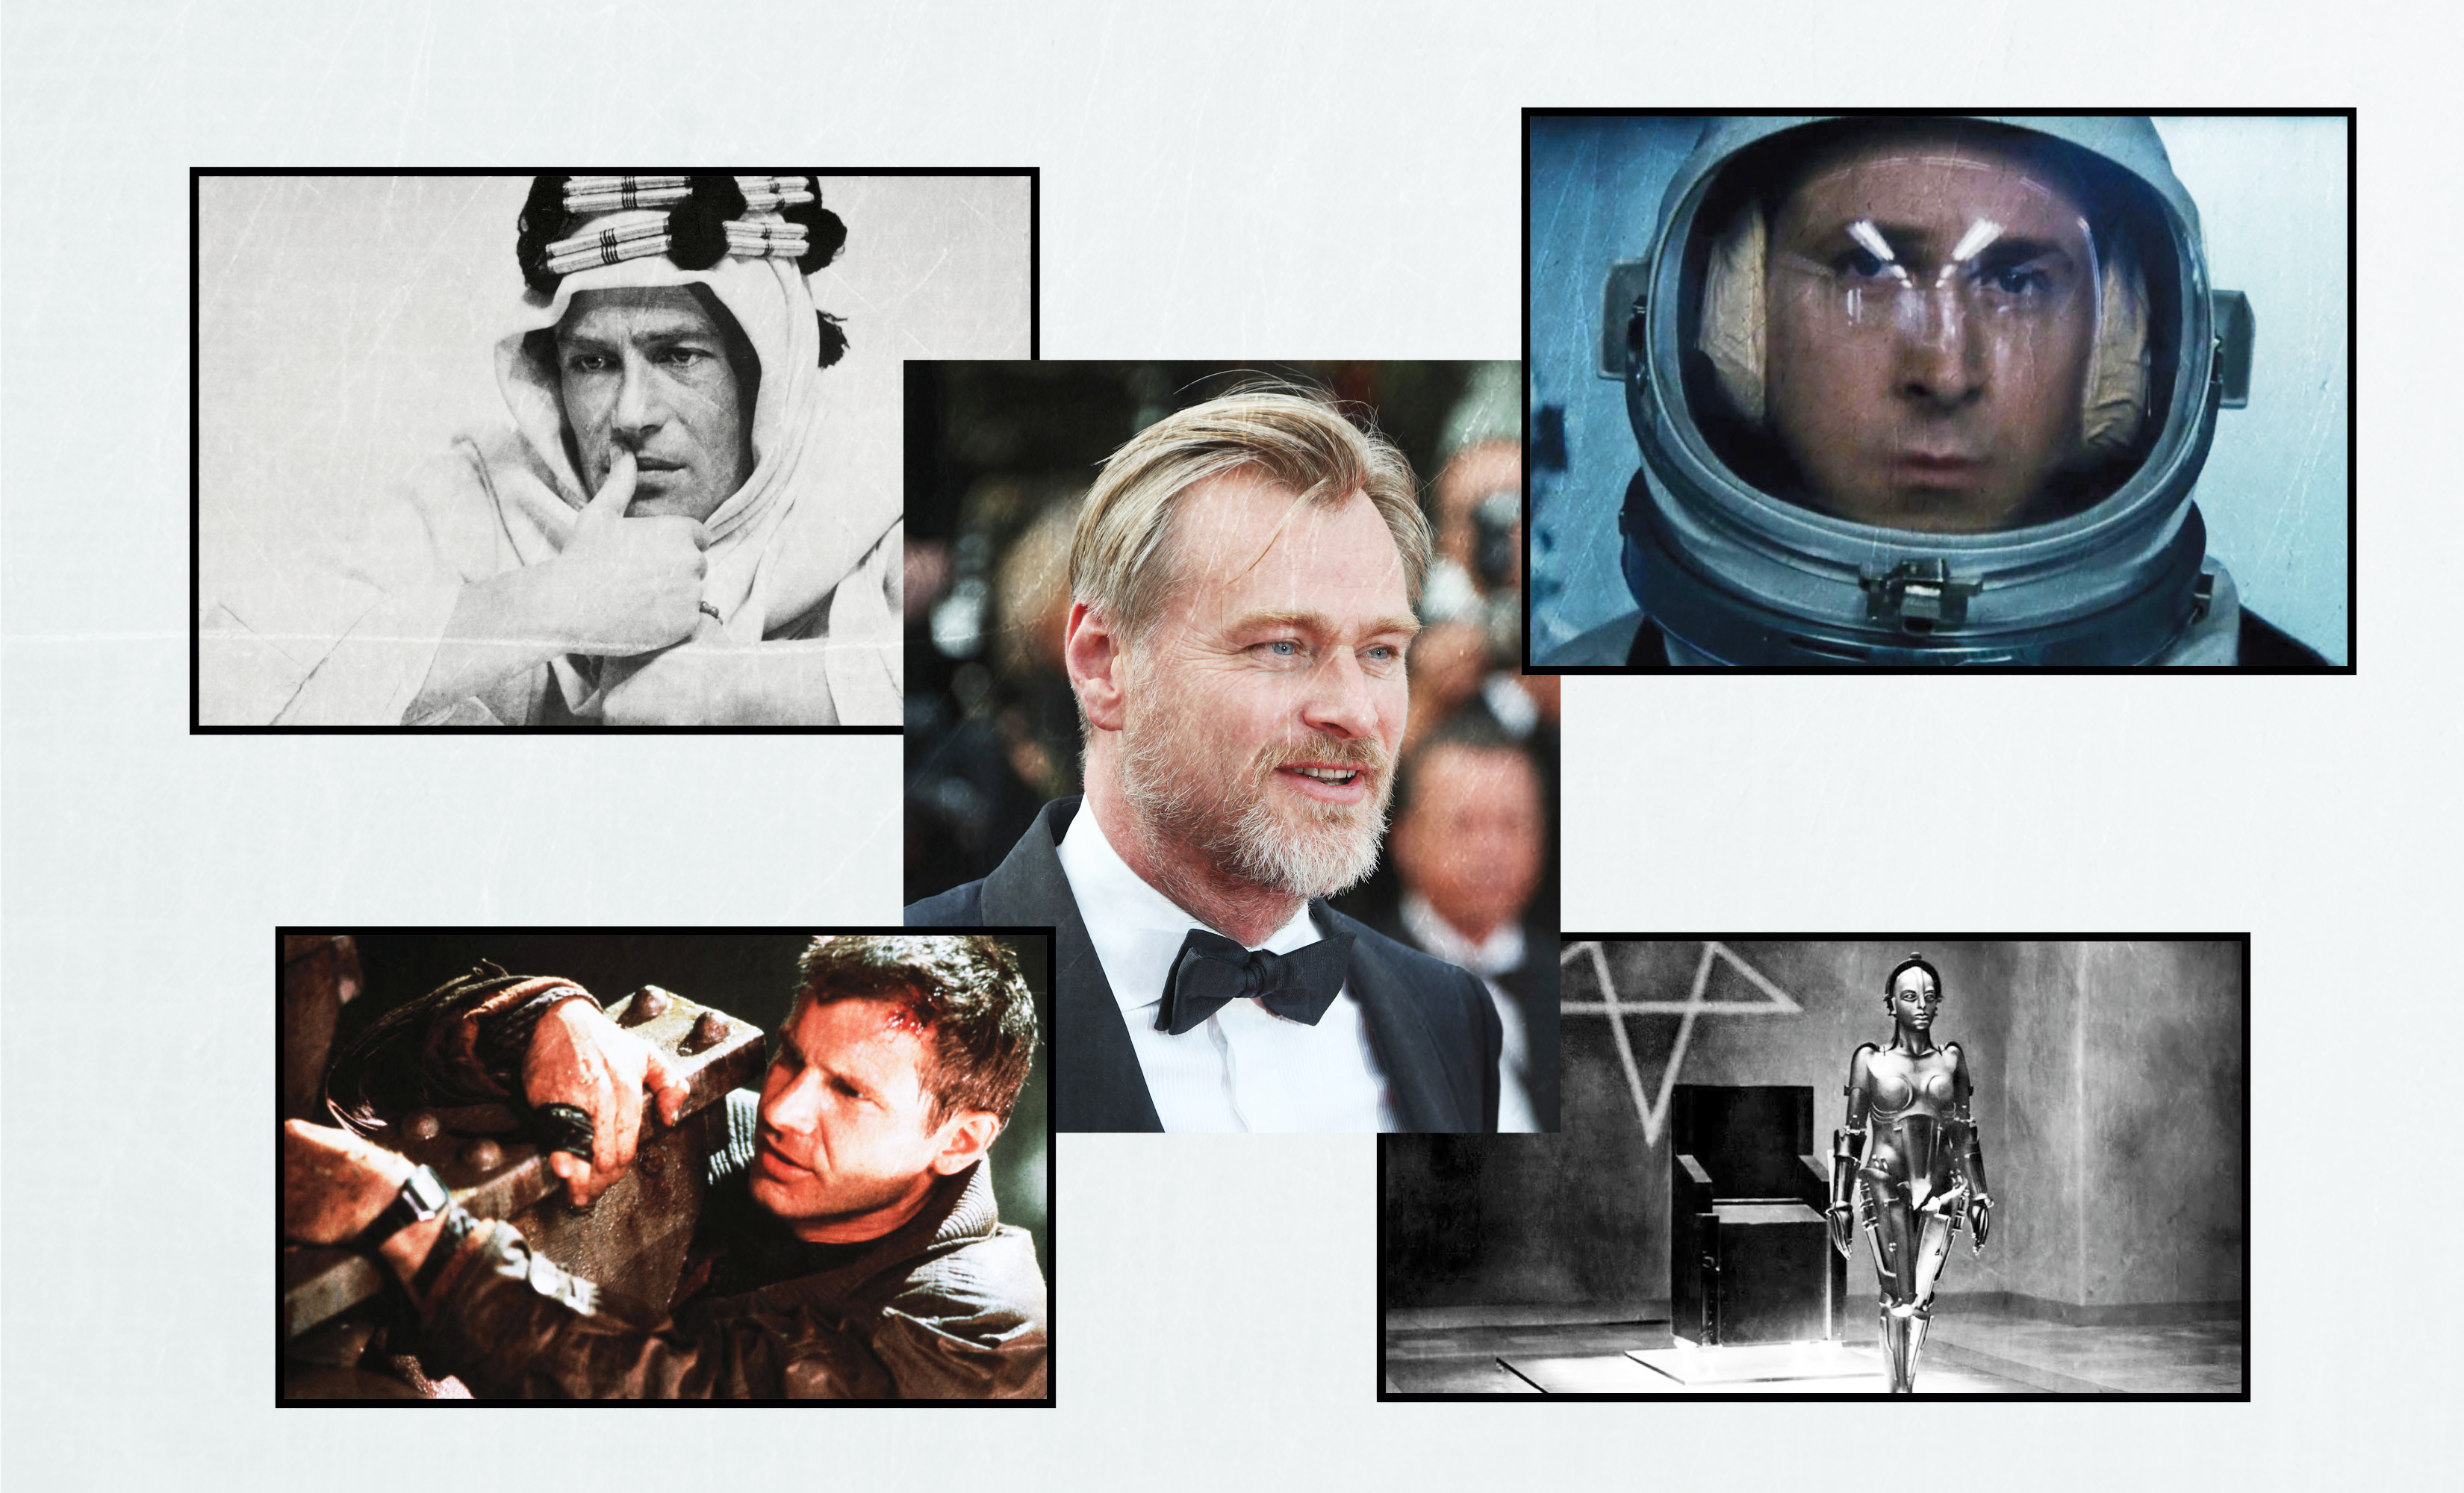 Nolan favorite films